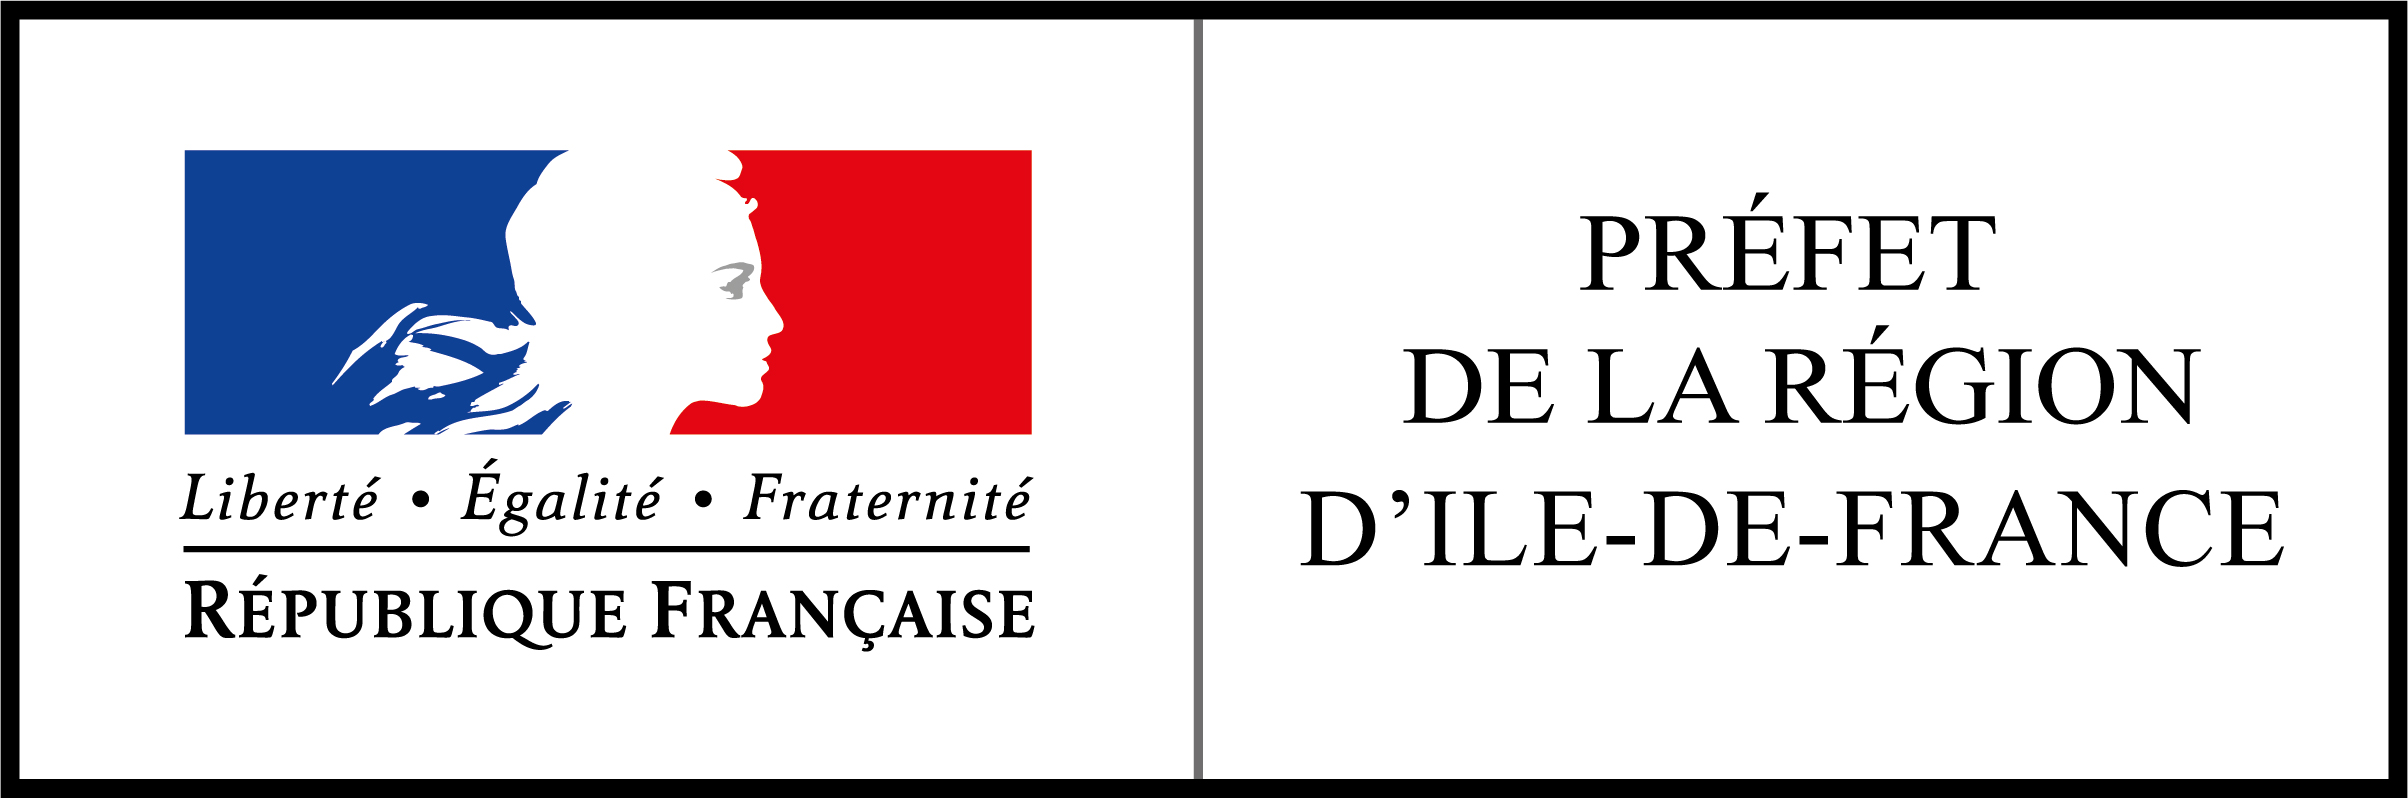 Prefet_Ile-de-France